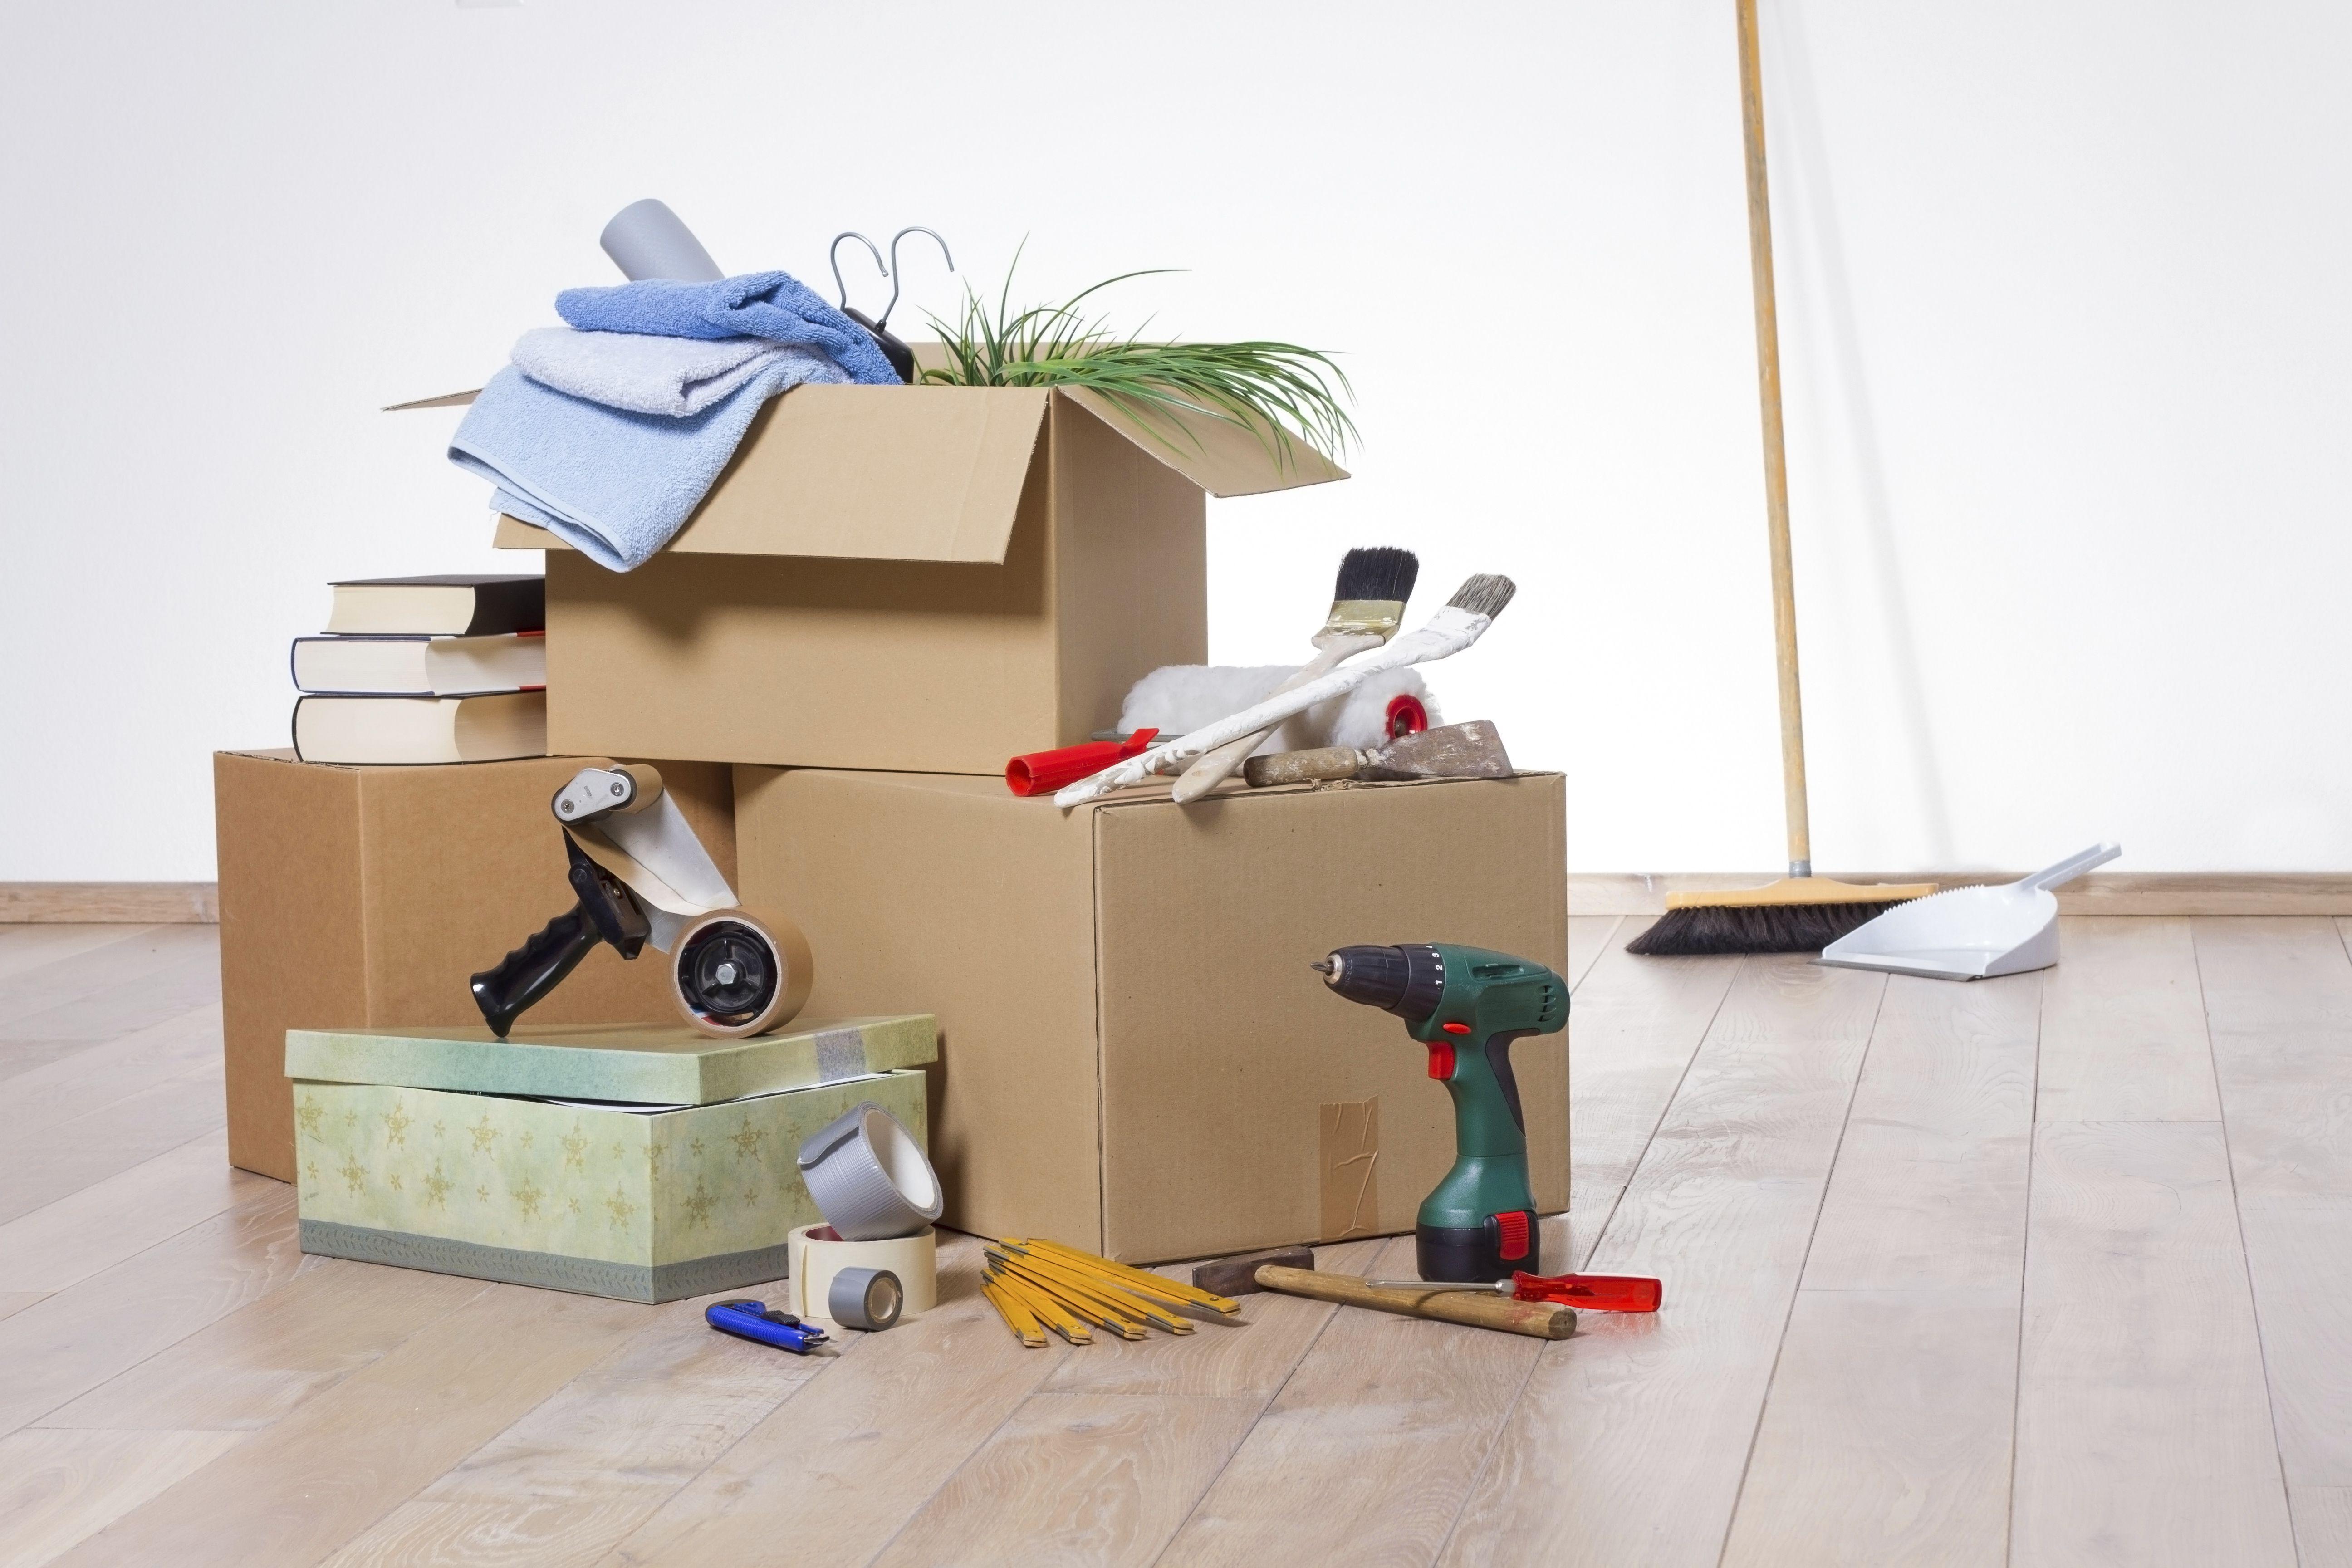 Desmontaje y montaje de muebles: Servicios de Mudanzas y Transportes Los Caballeros